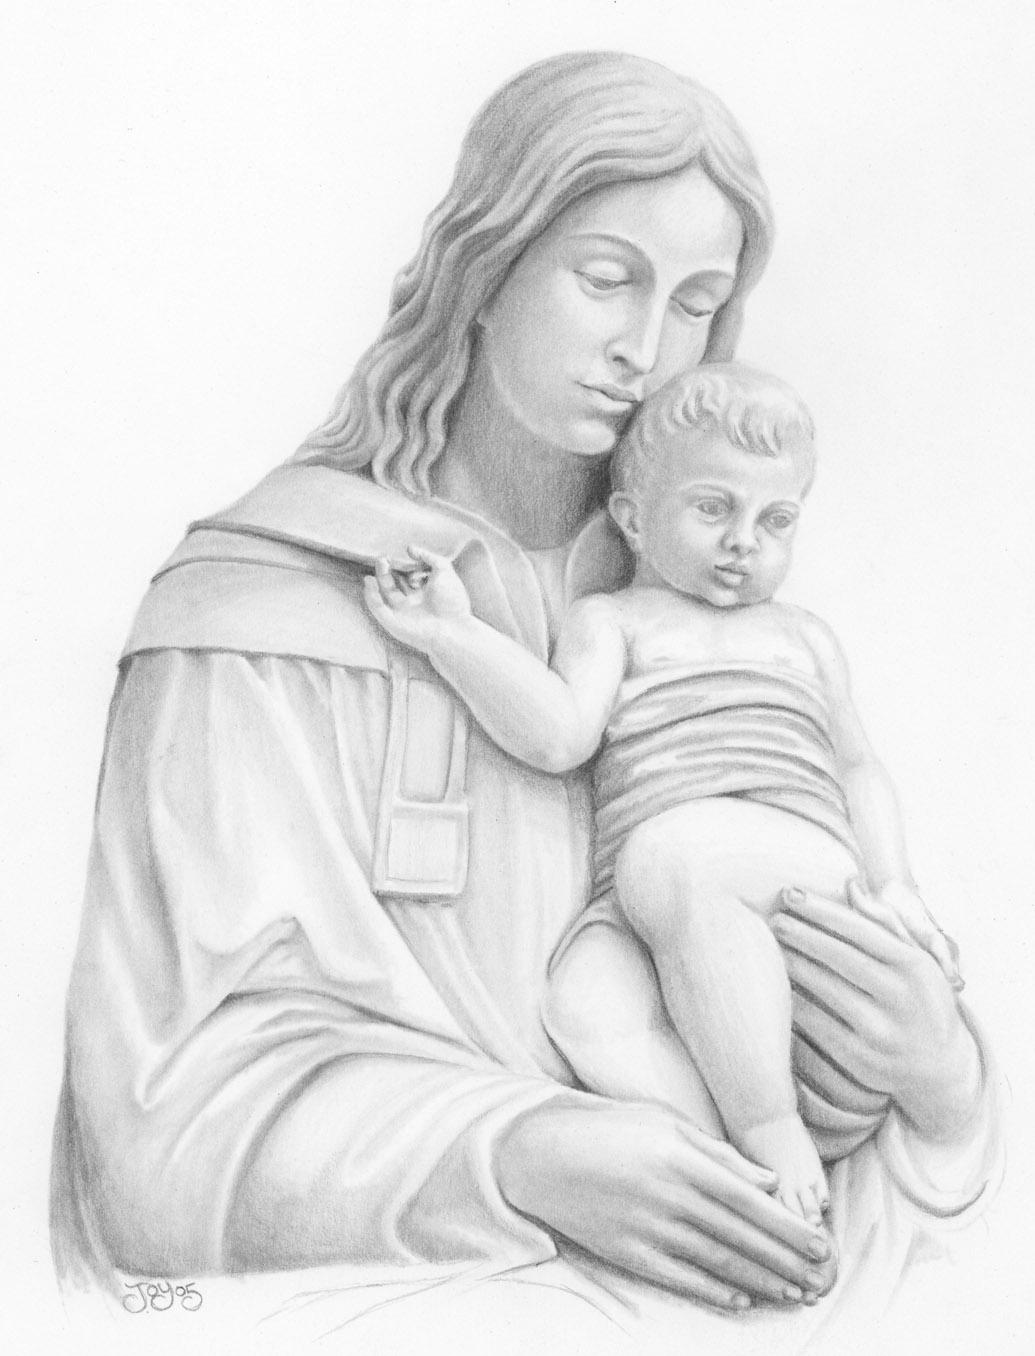 1035x1356 Madonna And Child By Joykodani